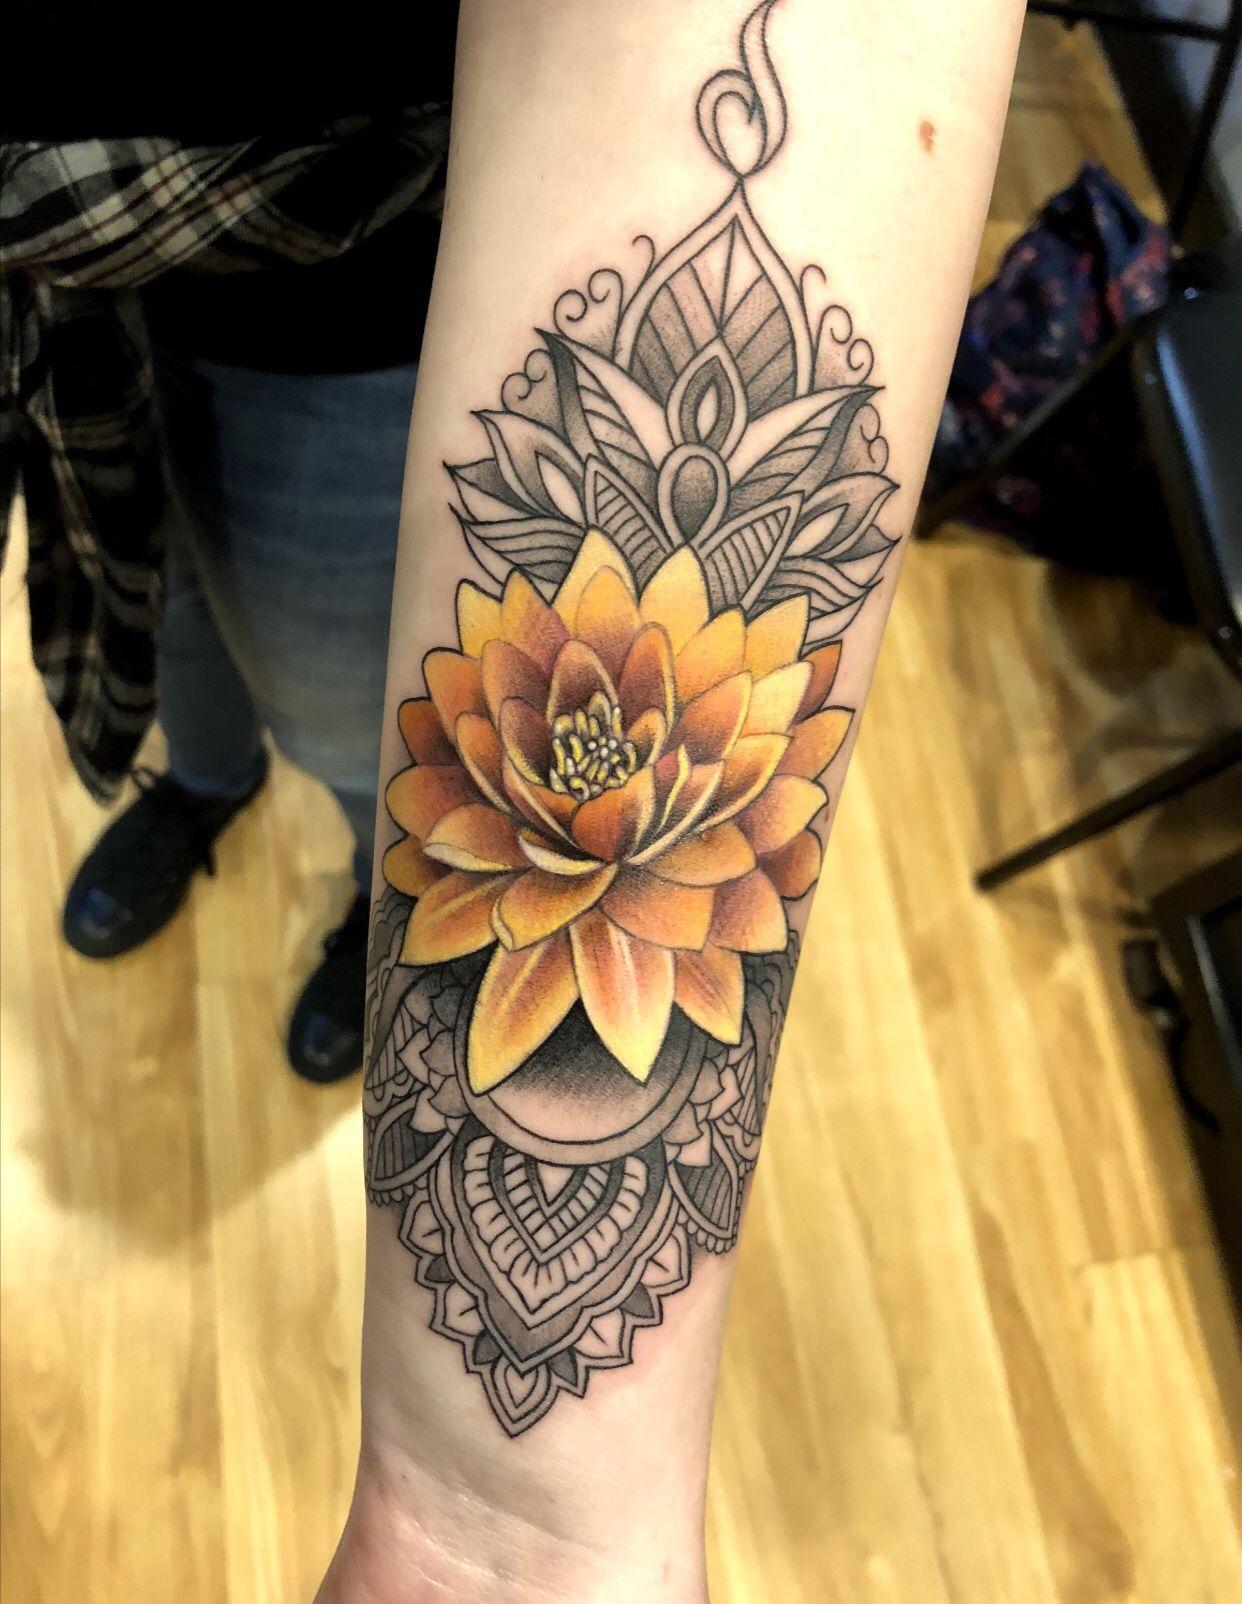 Flower Mandala Tattoo Tattoos Forearm Tattoos Tattoo Styles